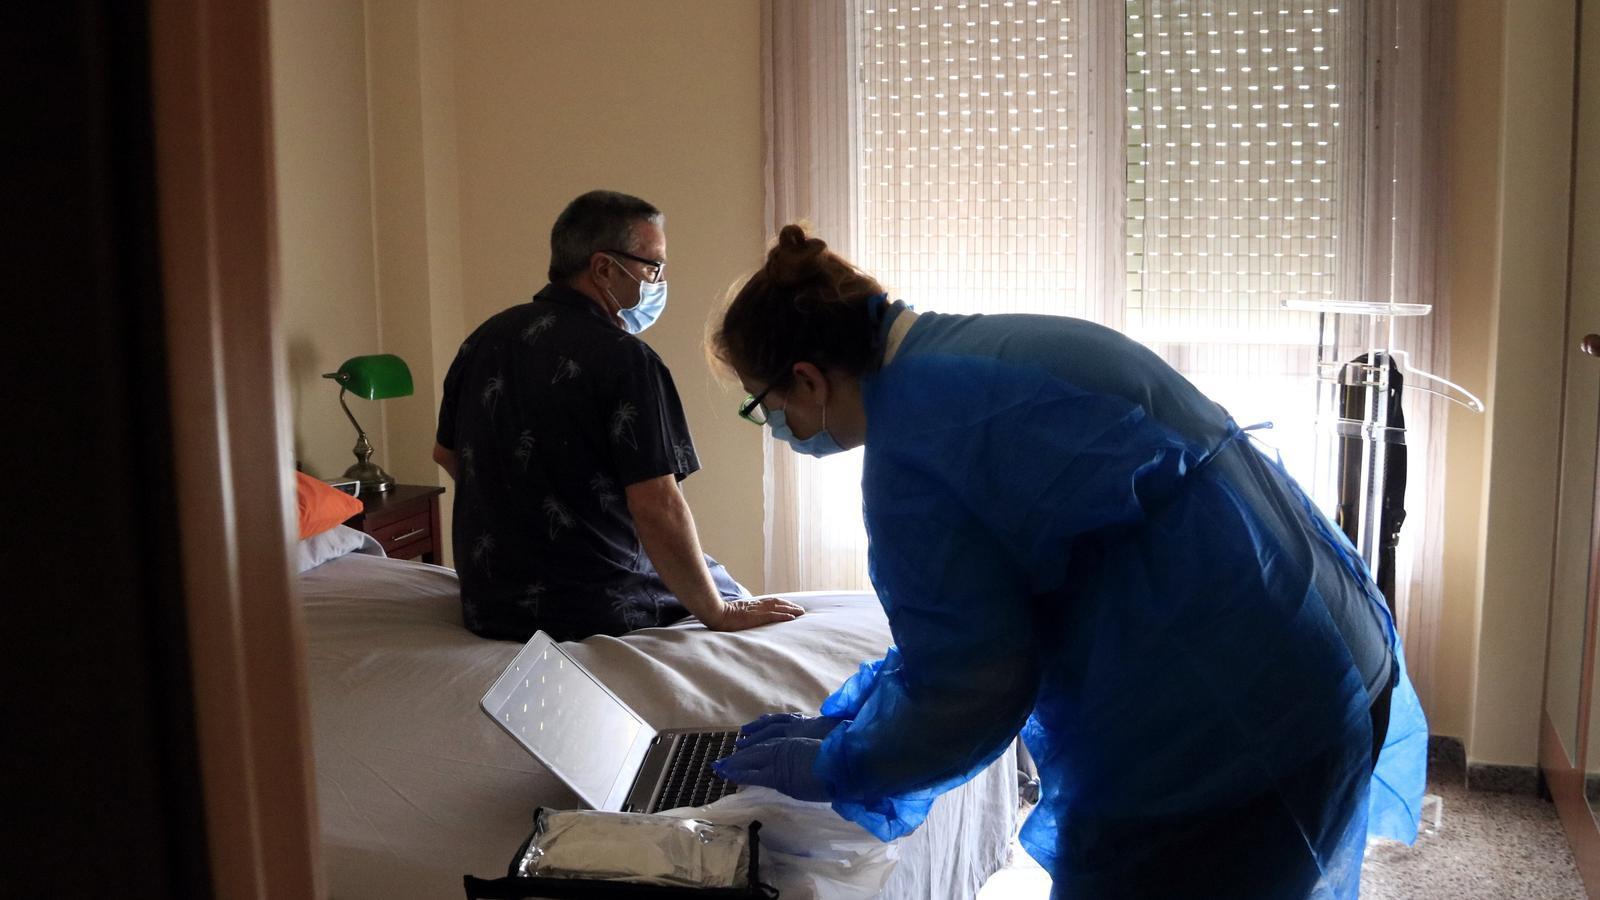 Begoña Ibáñez, infermera del dispositiu d'Hospitalització a Domicili de l'Hospital Clínic, prepara l'ordinador per fer un electrocardiograma a Óscar Villalvilla, pacient amb una insuficiència cardíaca, a l'habitació de casa seva